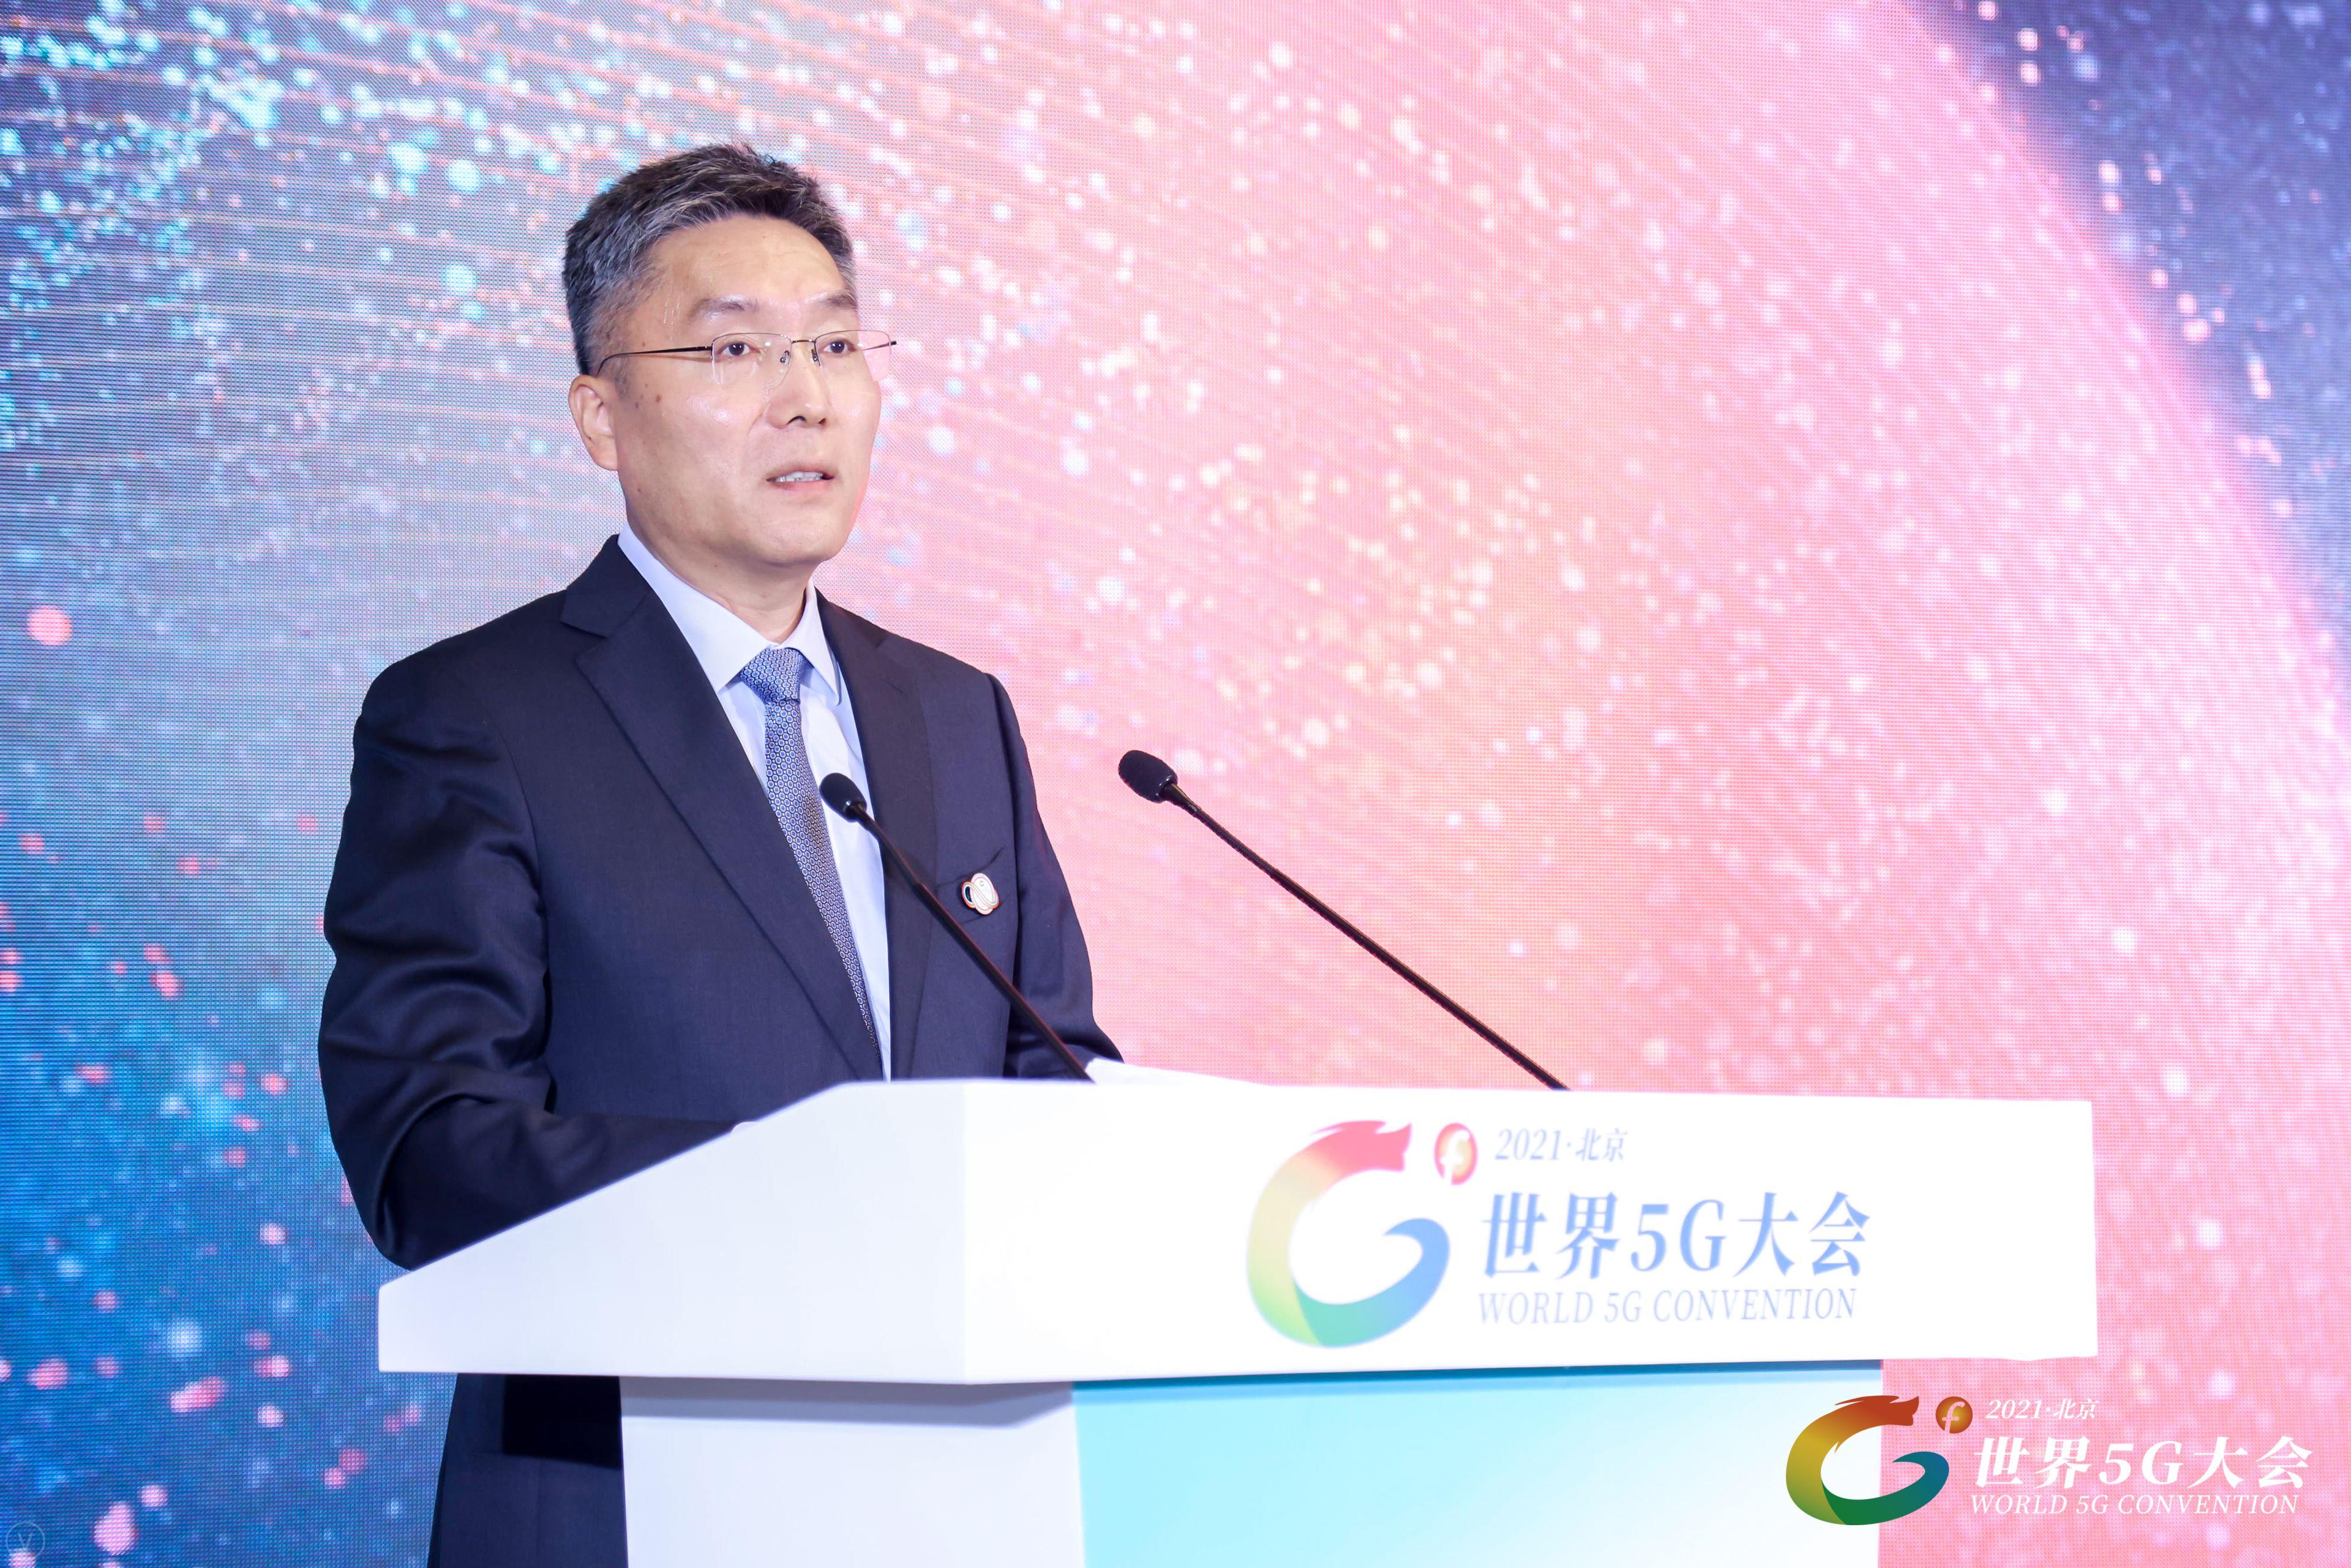 科技日报社社长李平:新技术赋能的主流媒体责任将更重大